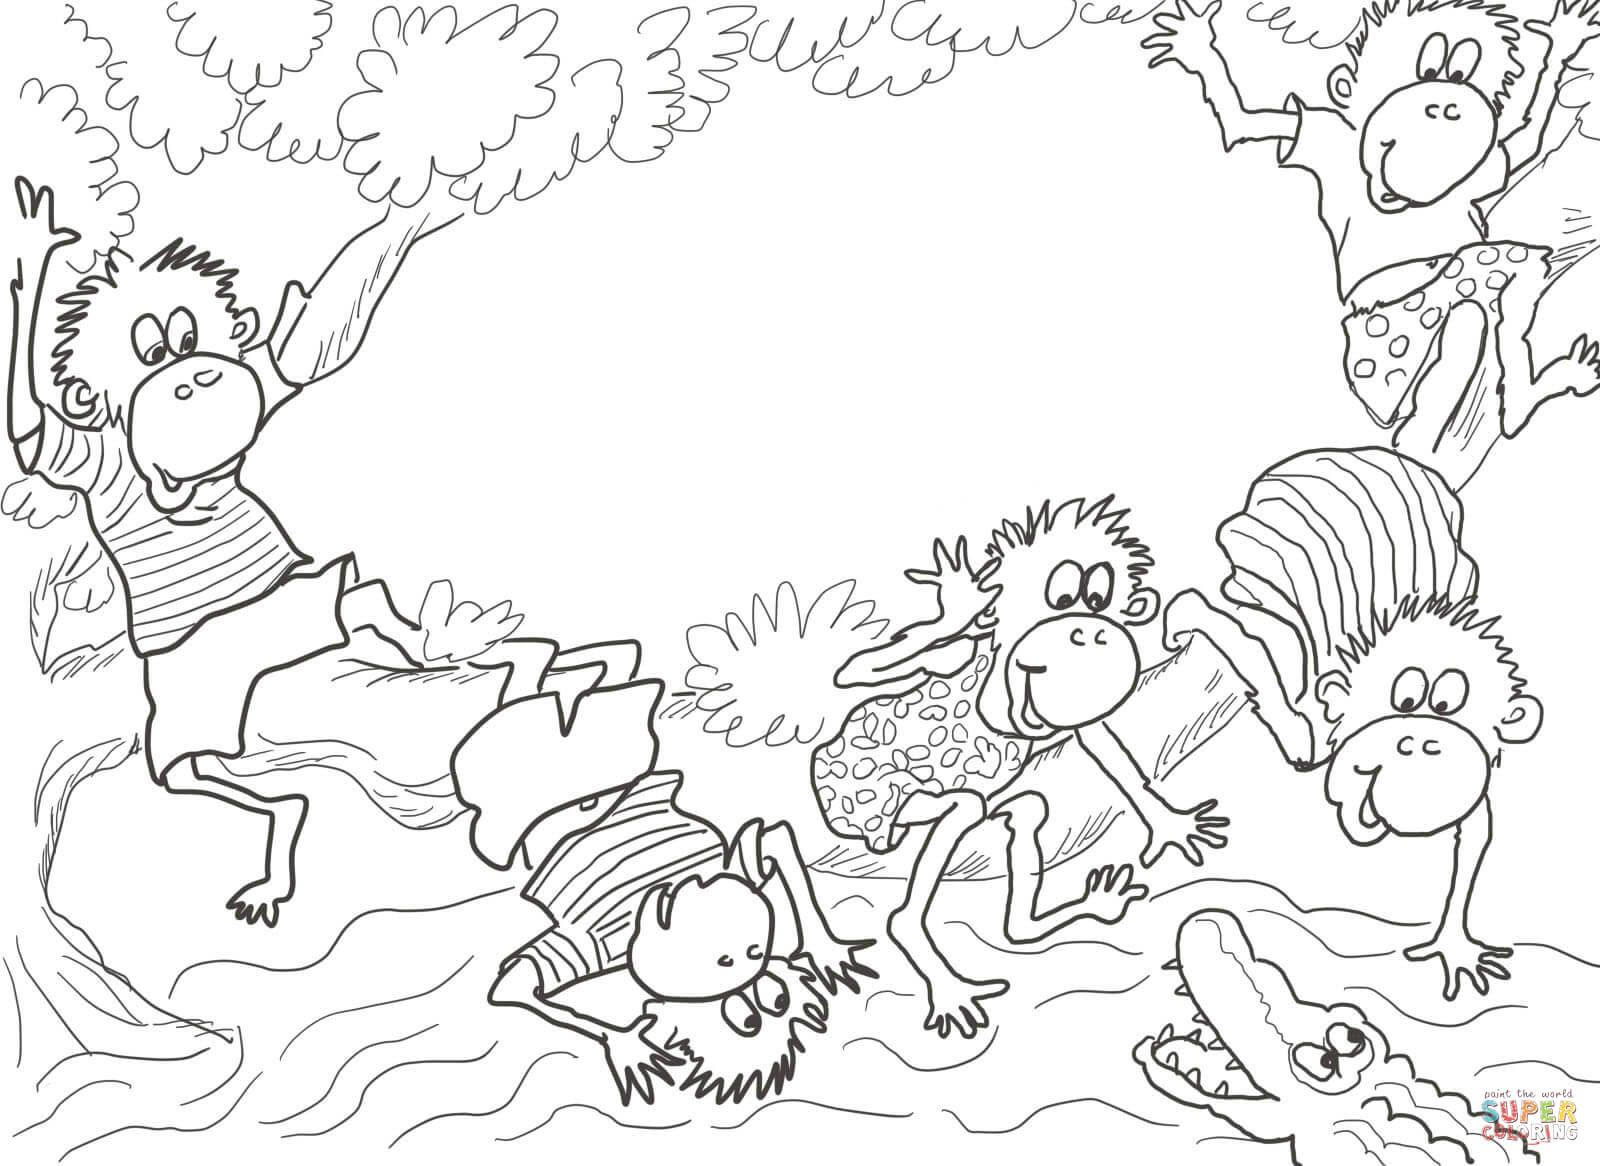 Klick das Bild Five little monkeys Fünf kleine Affen sitzen auf dem Baum